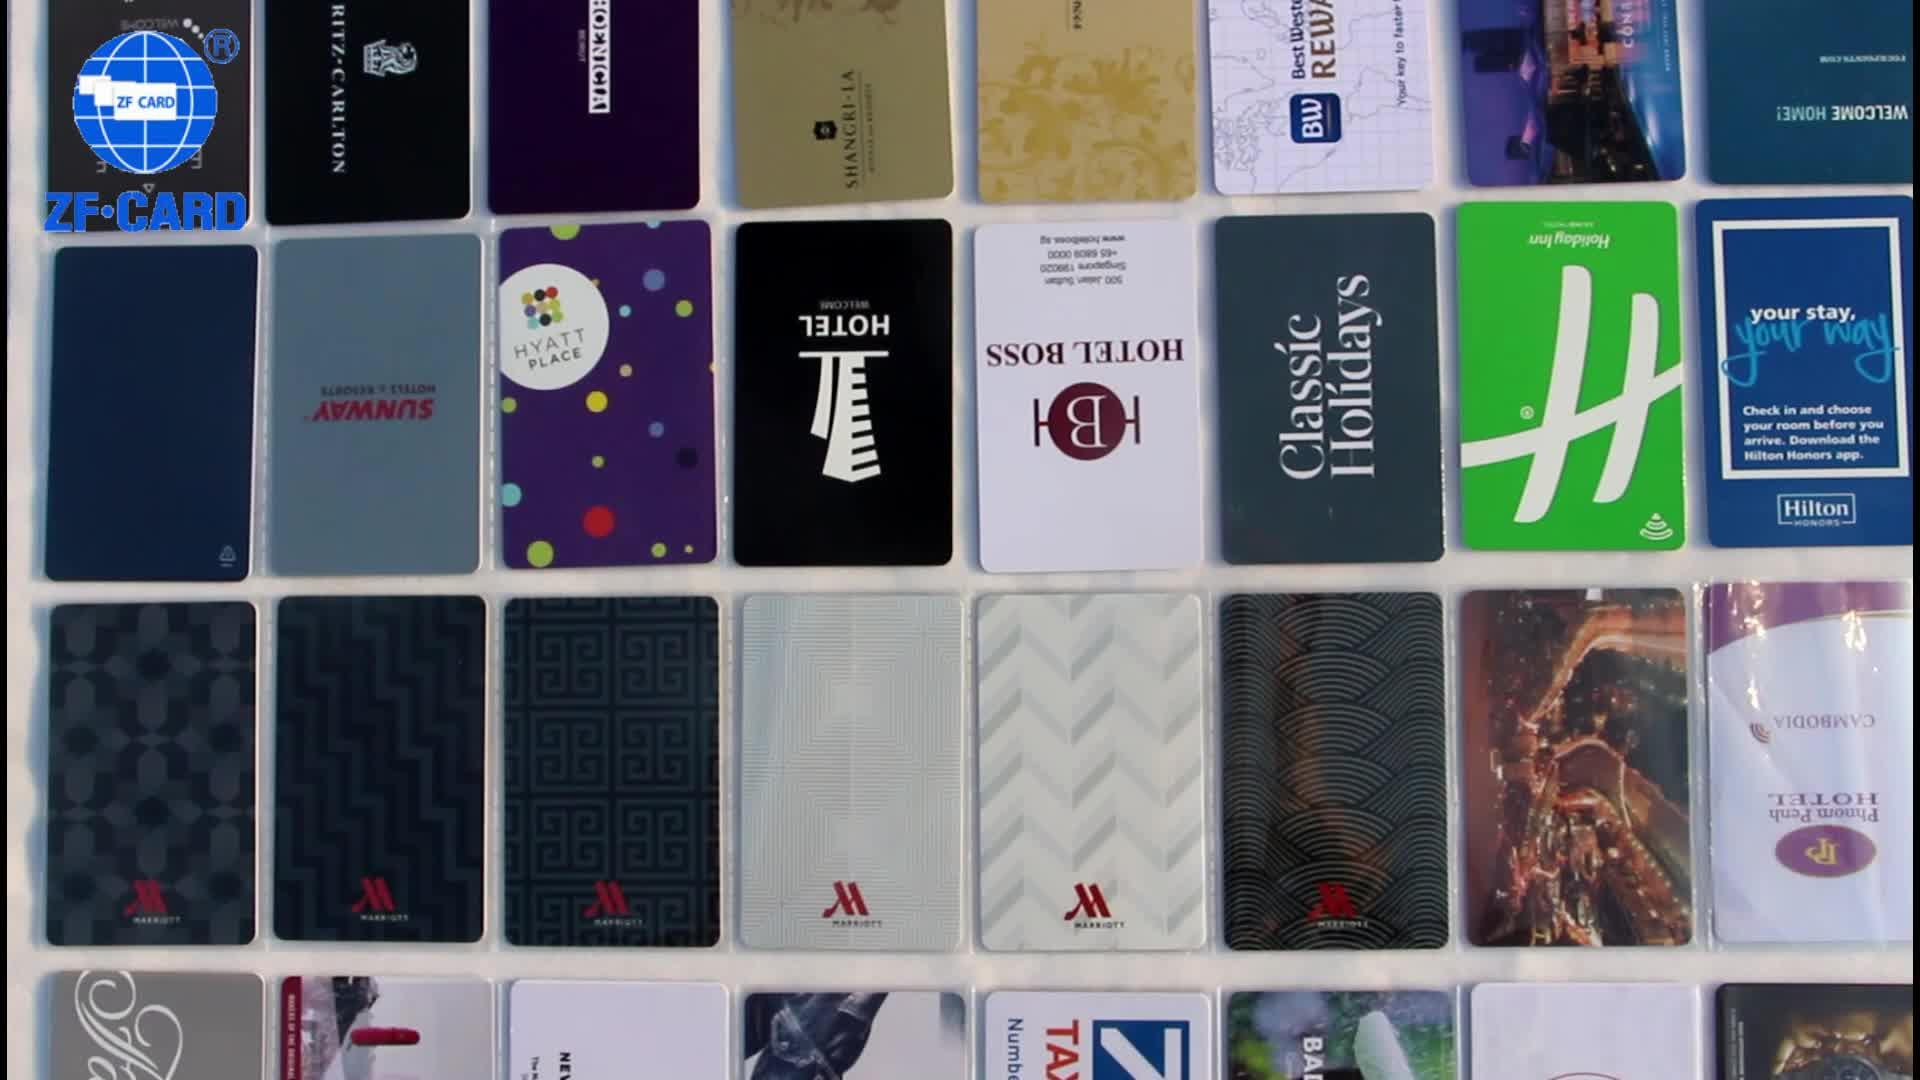 호텔 키 카드 A90 / A93 / FH86 도어 잠금 시스템